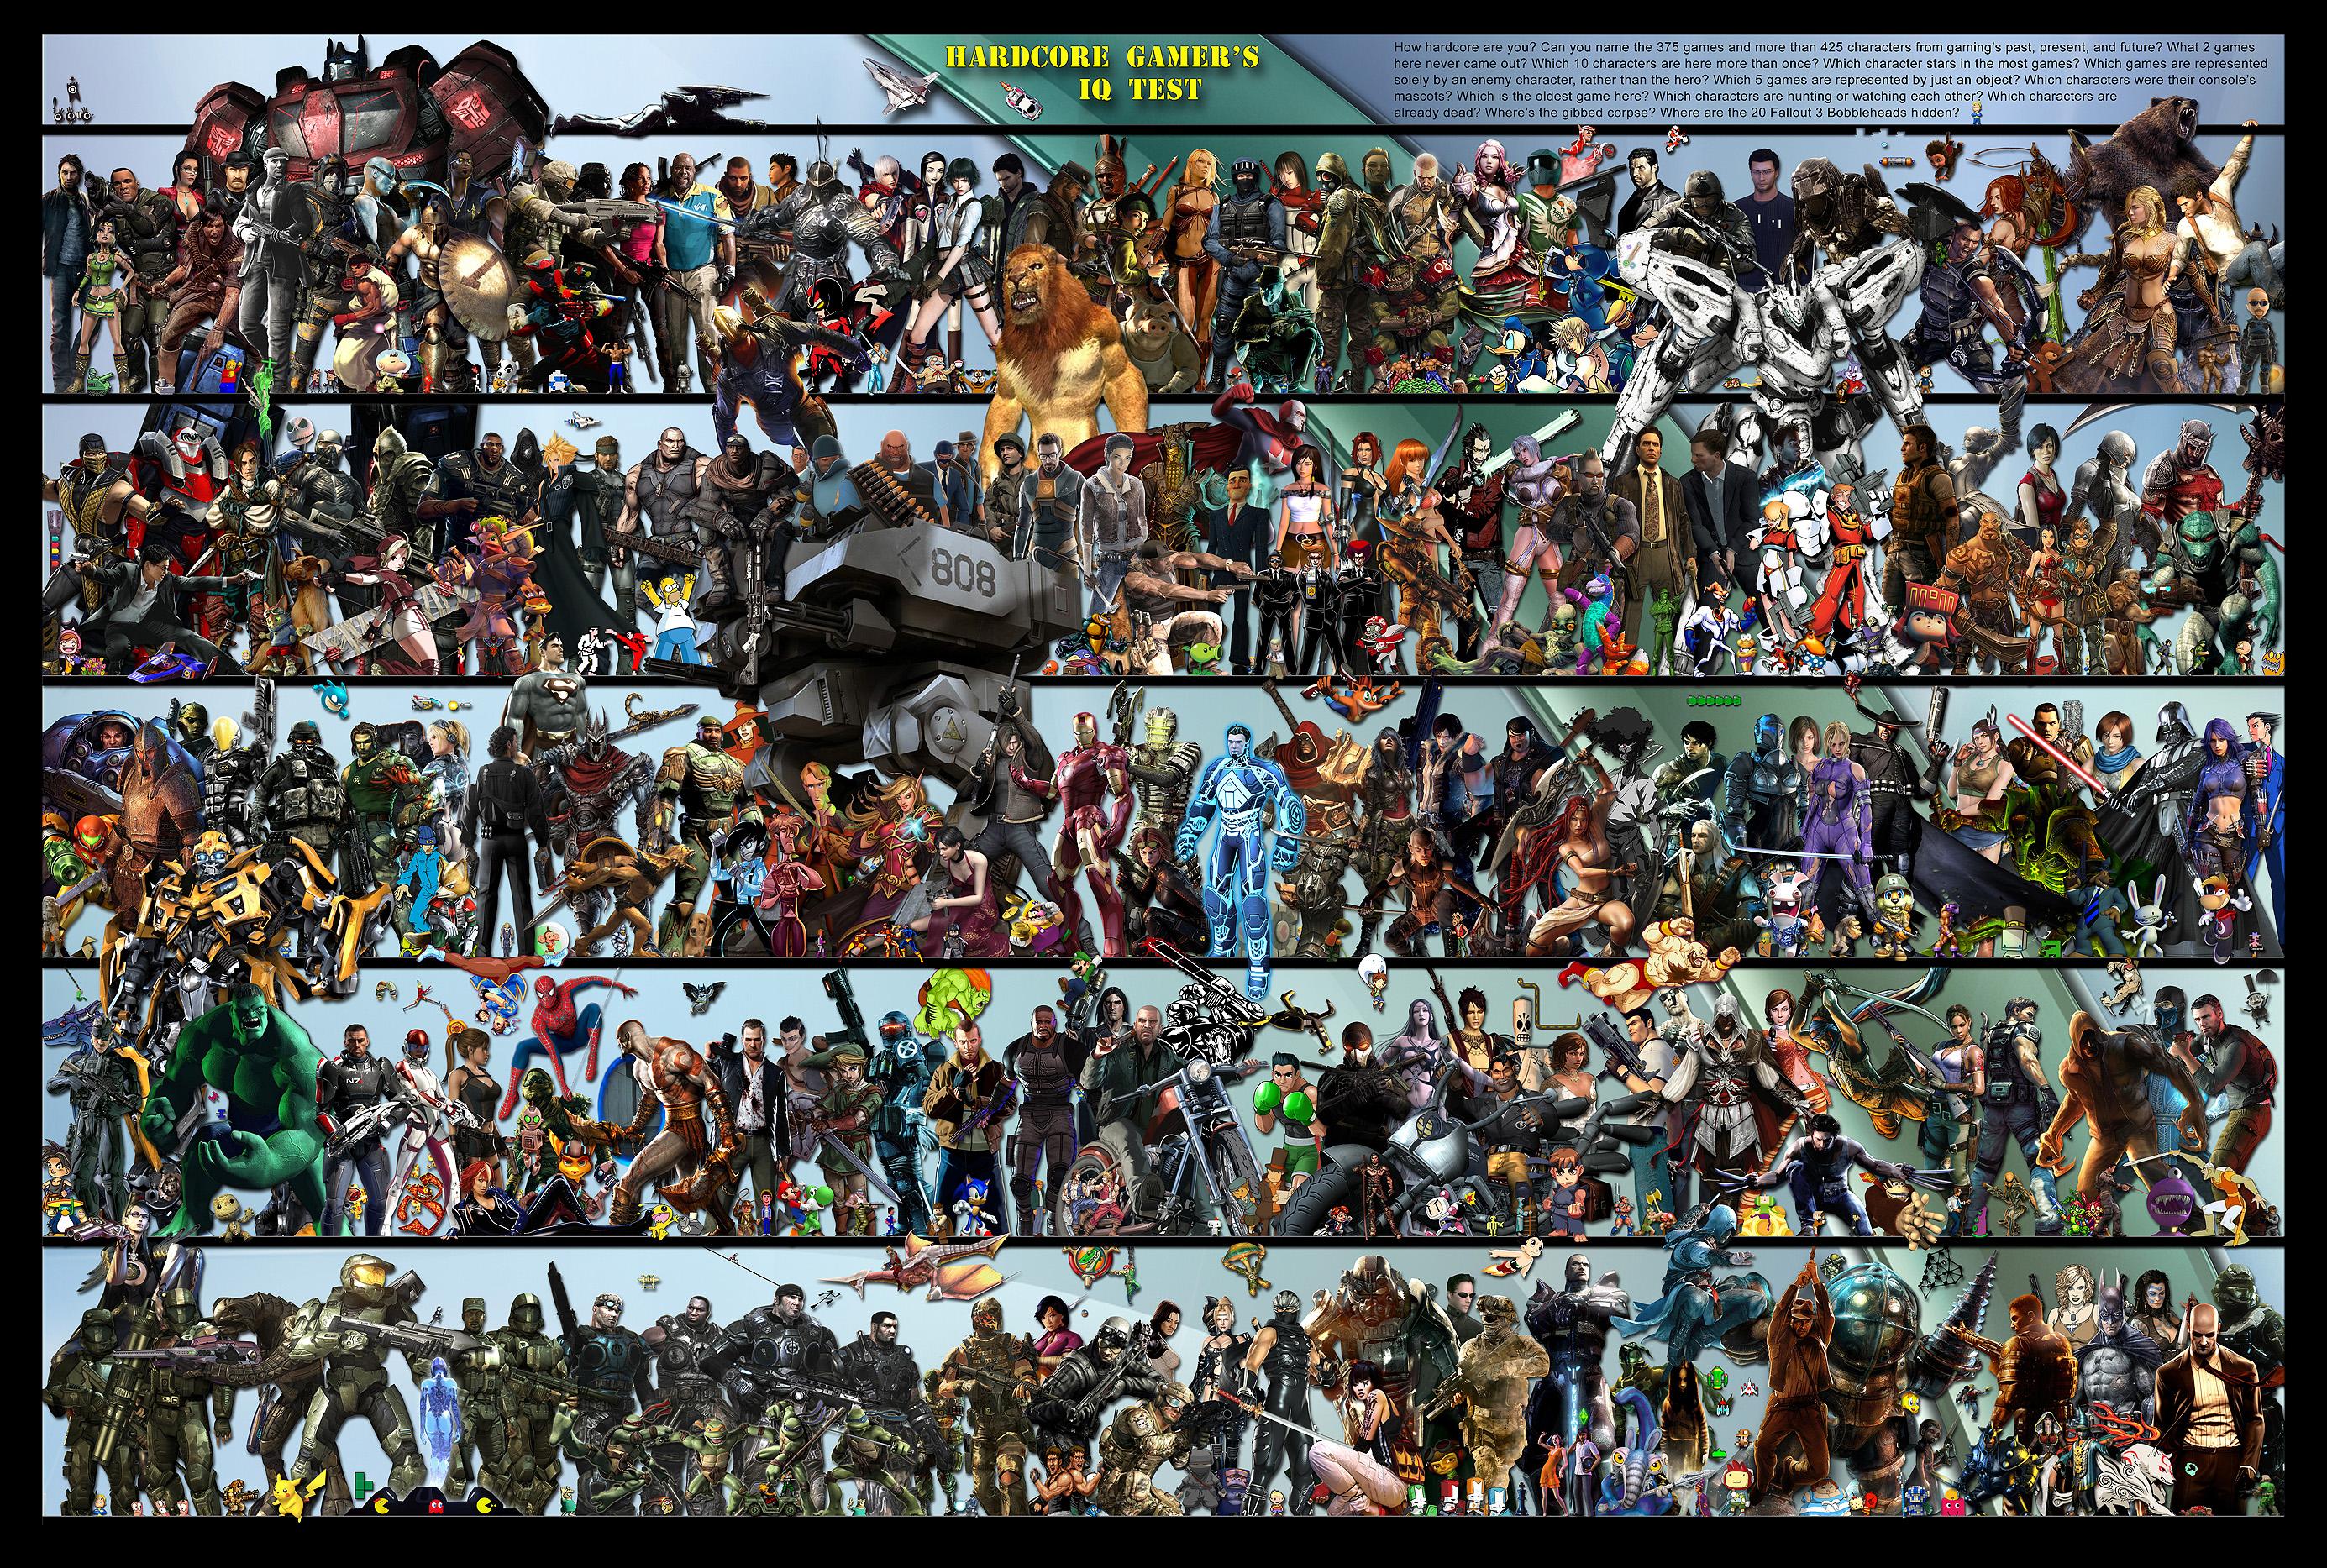 Crossover HD Wallpaper